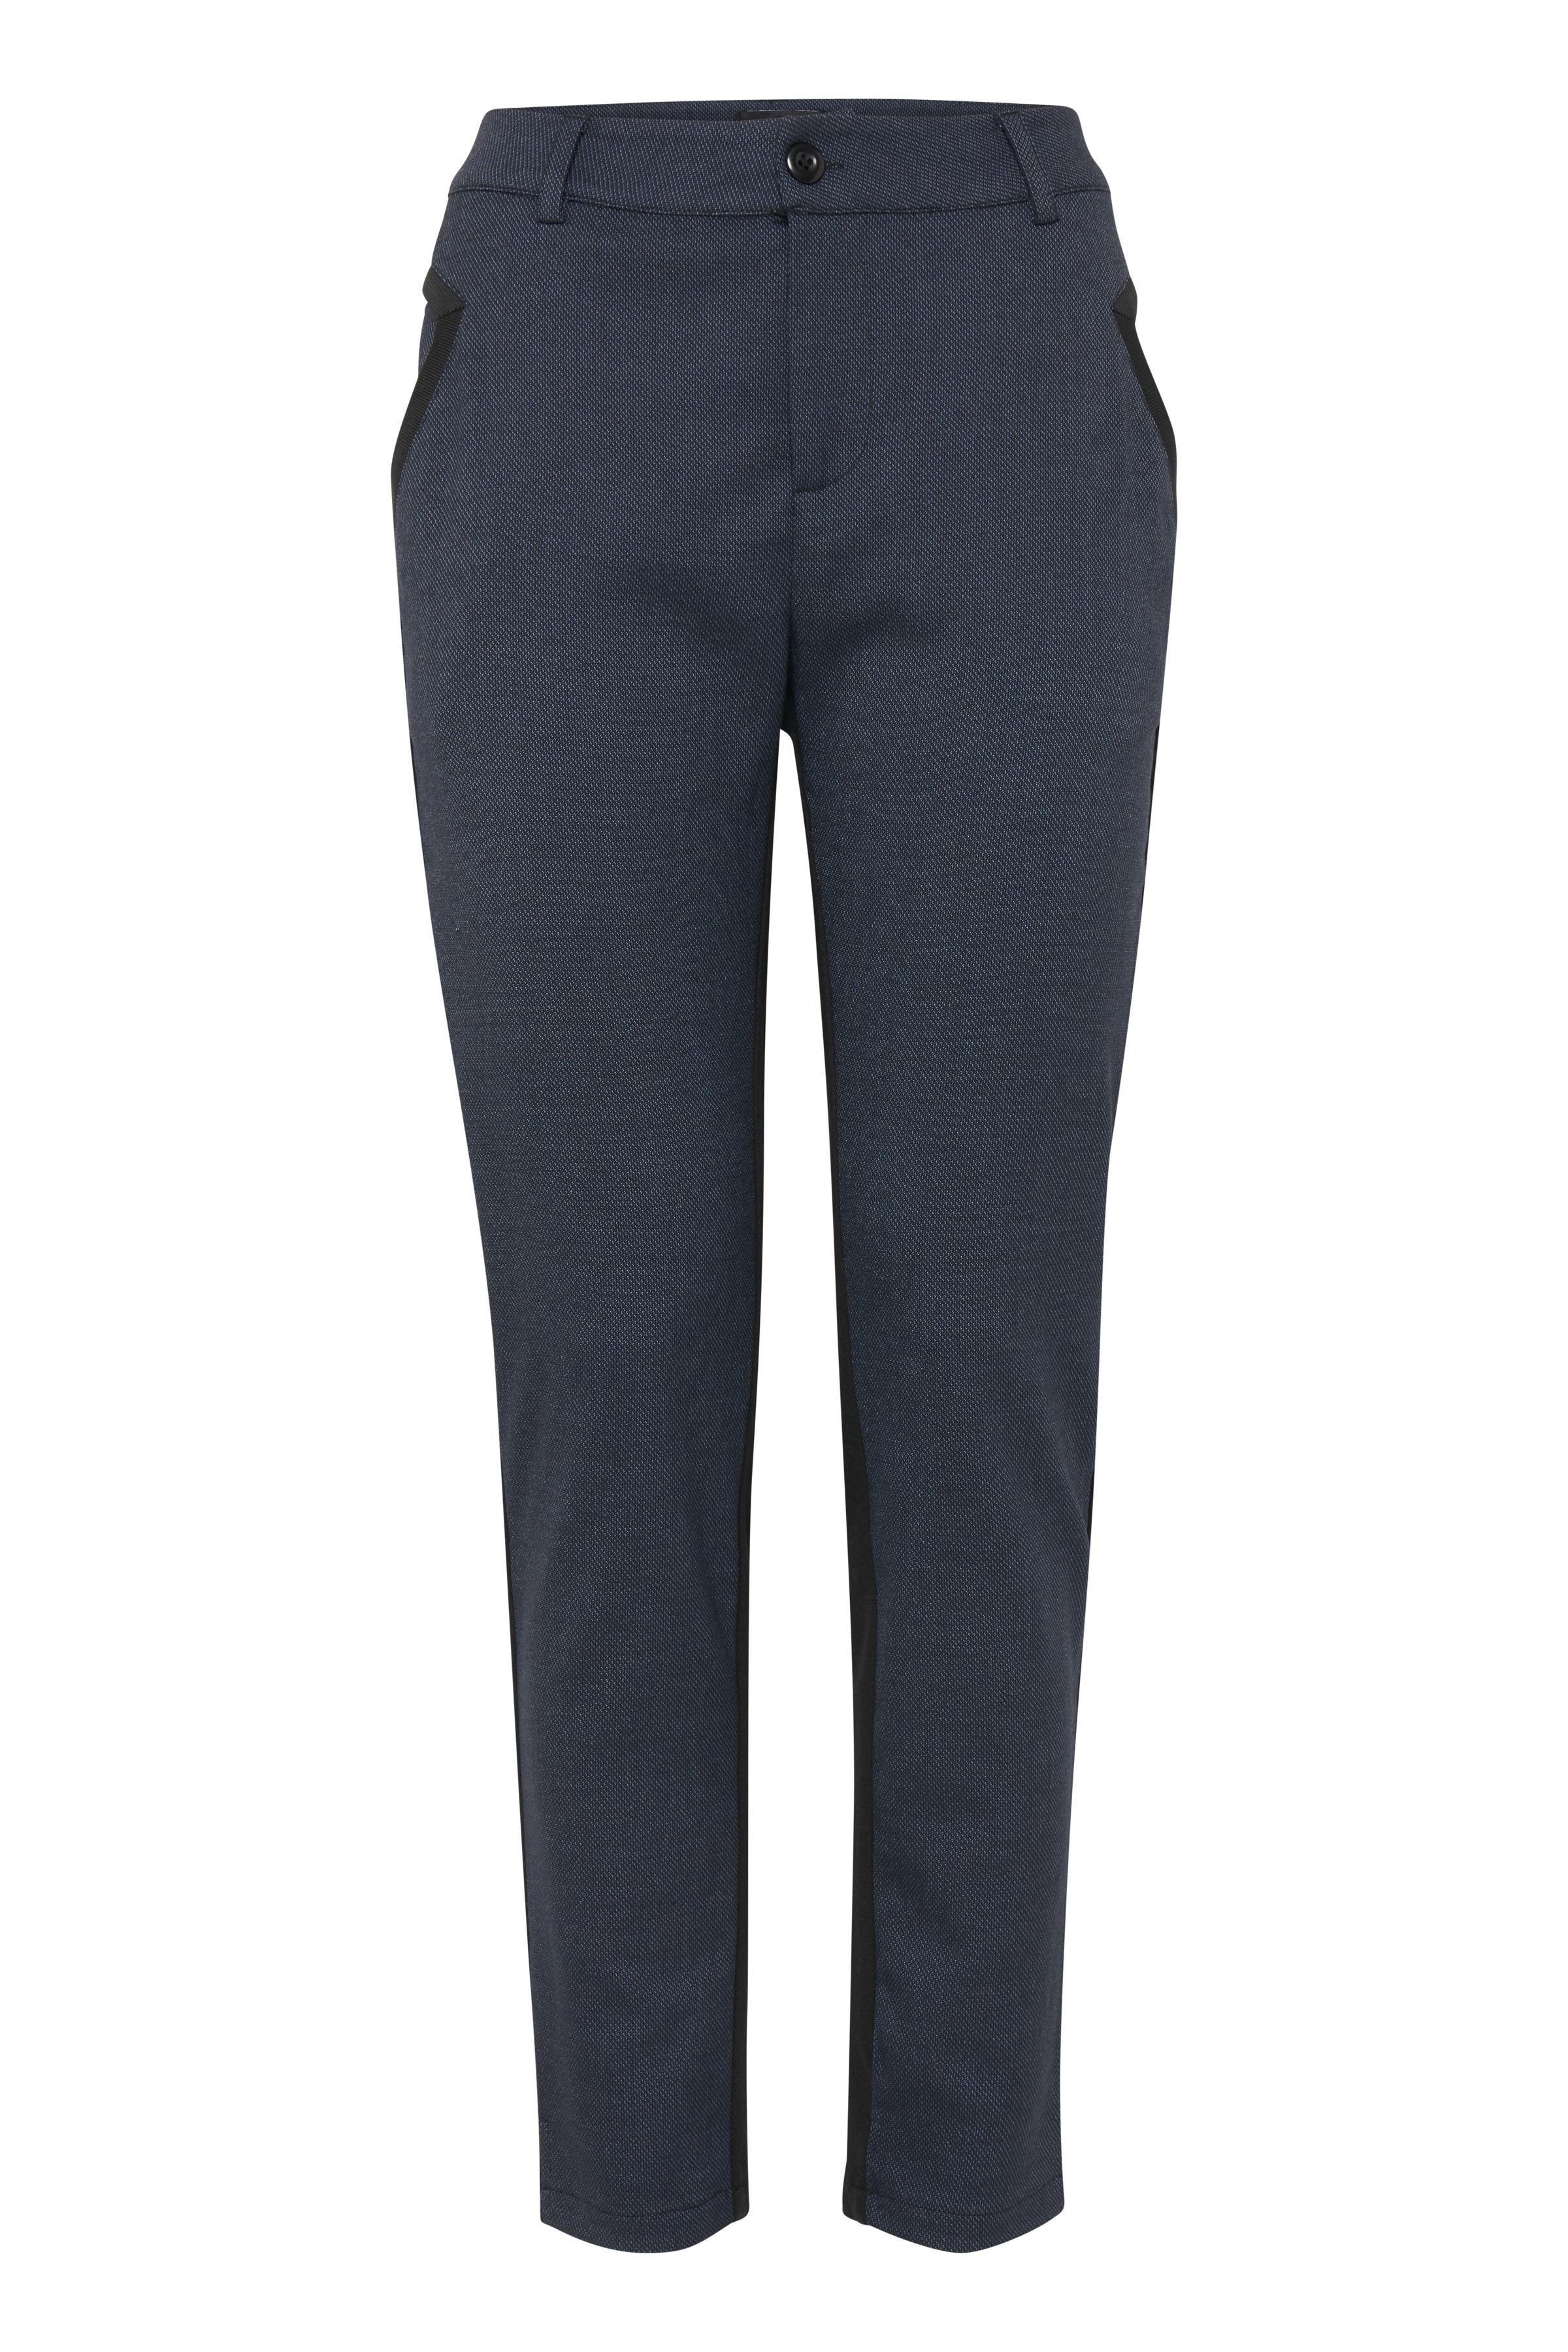 Svartmelerad Casual byxor från Pulz Jeans – Köp Svartmelerad Casual byxor från stl. 32-46 här